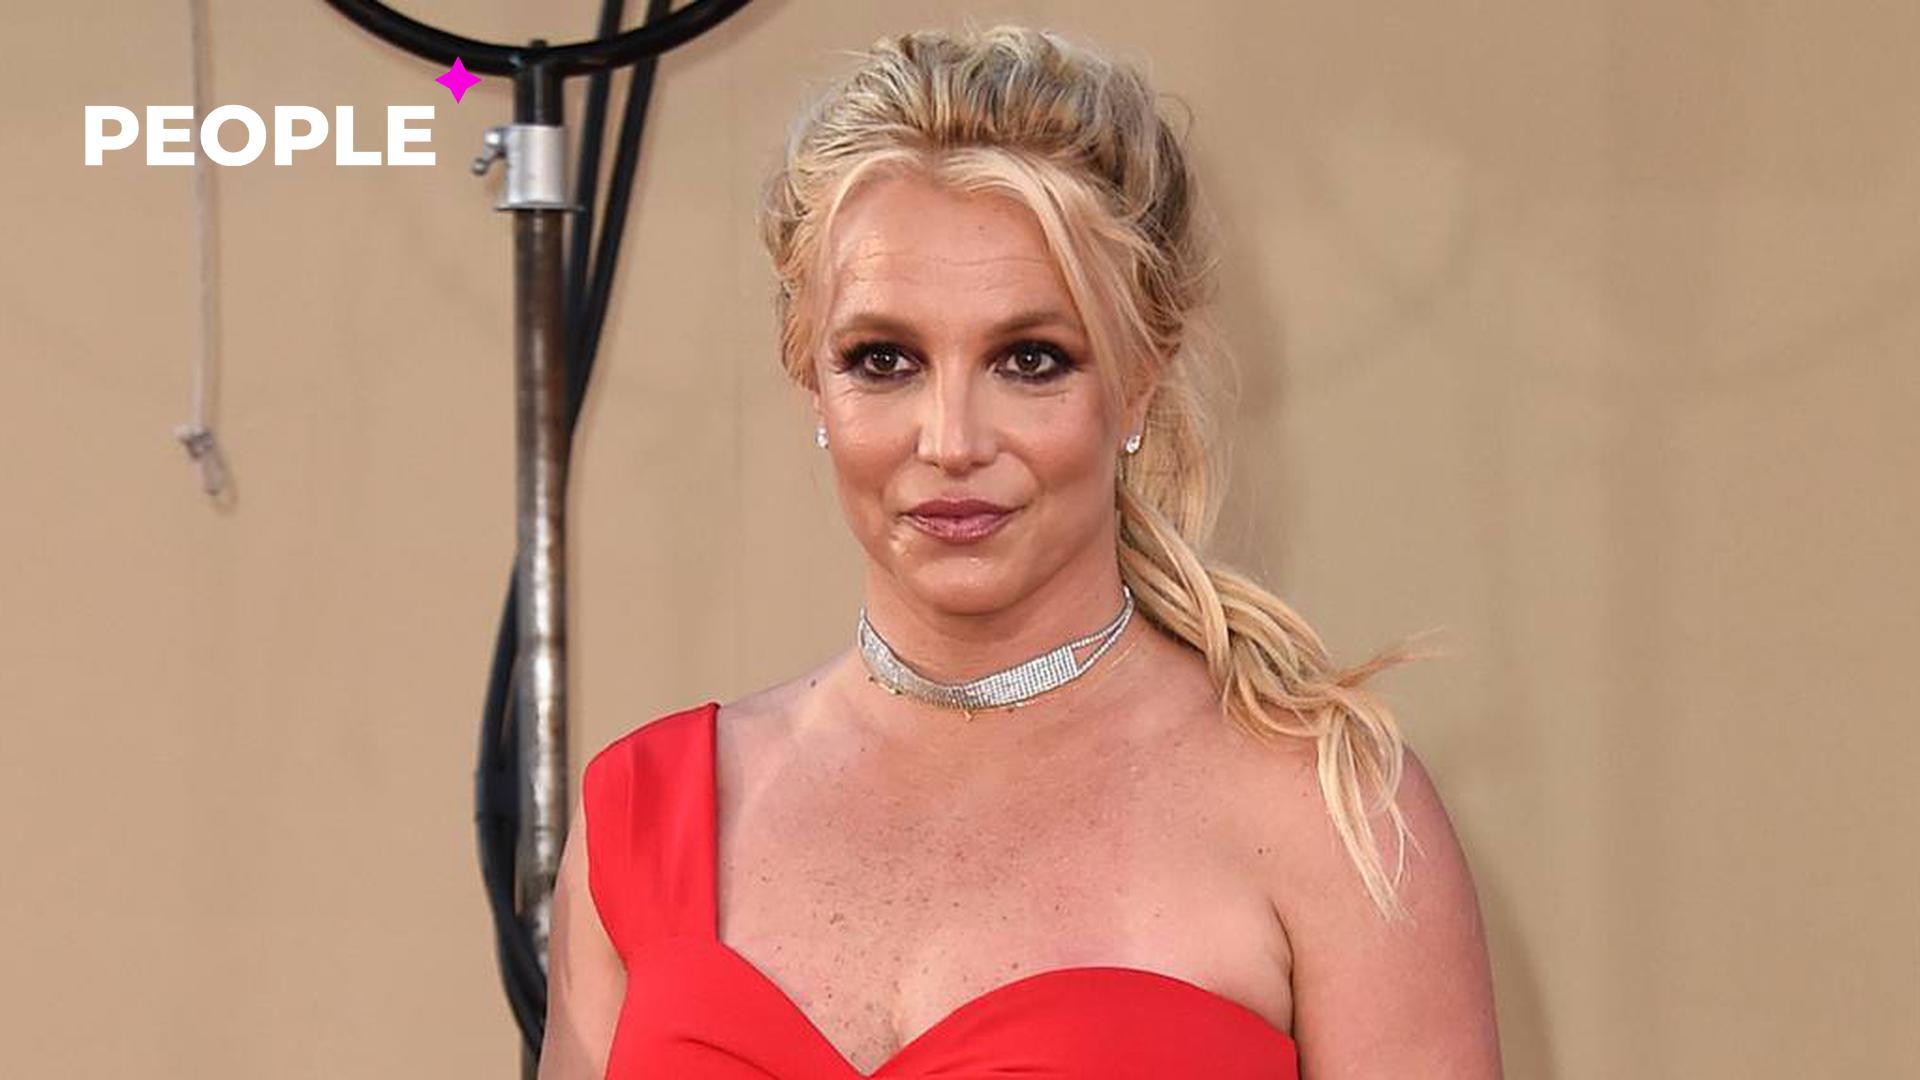 Бритни Спирс ужаснула пользователей Cети реакцией на купленный IPad